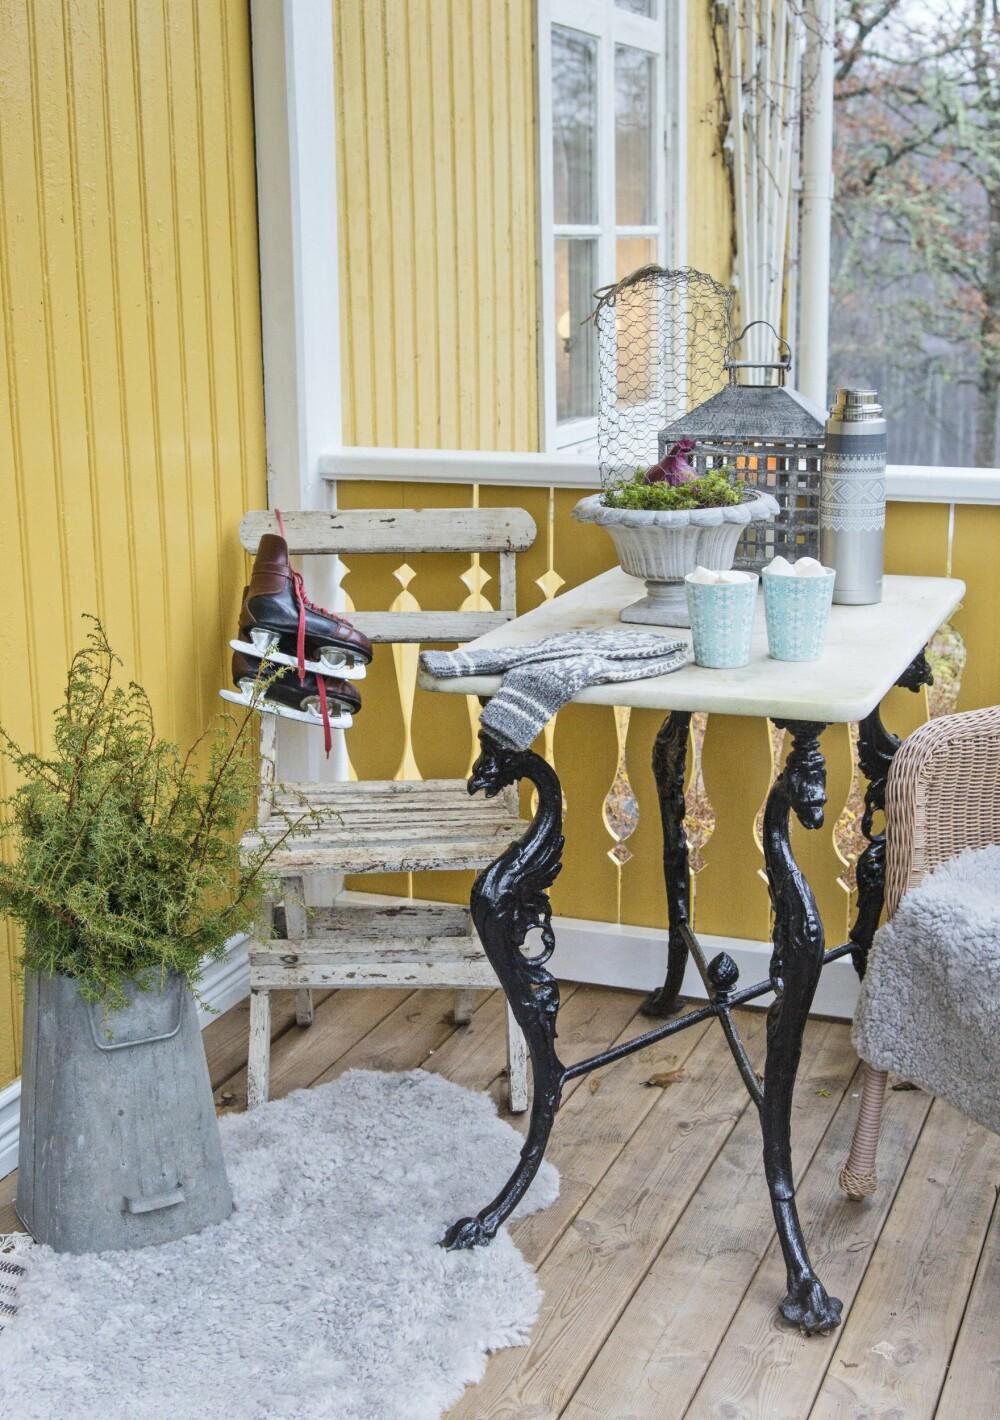 TRAPP MED SITTEPLASS: Kvister og små trær er koselig pynt på trappa, hor det også er sitteplass. FOTO: Helge Eek.